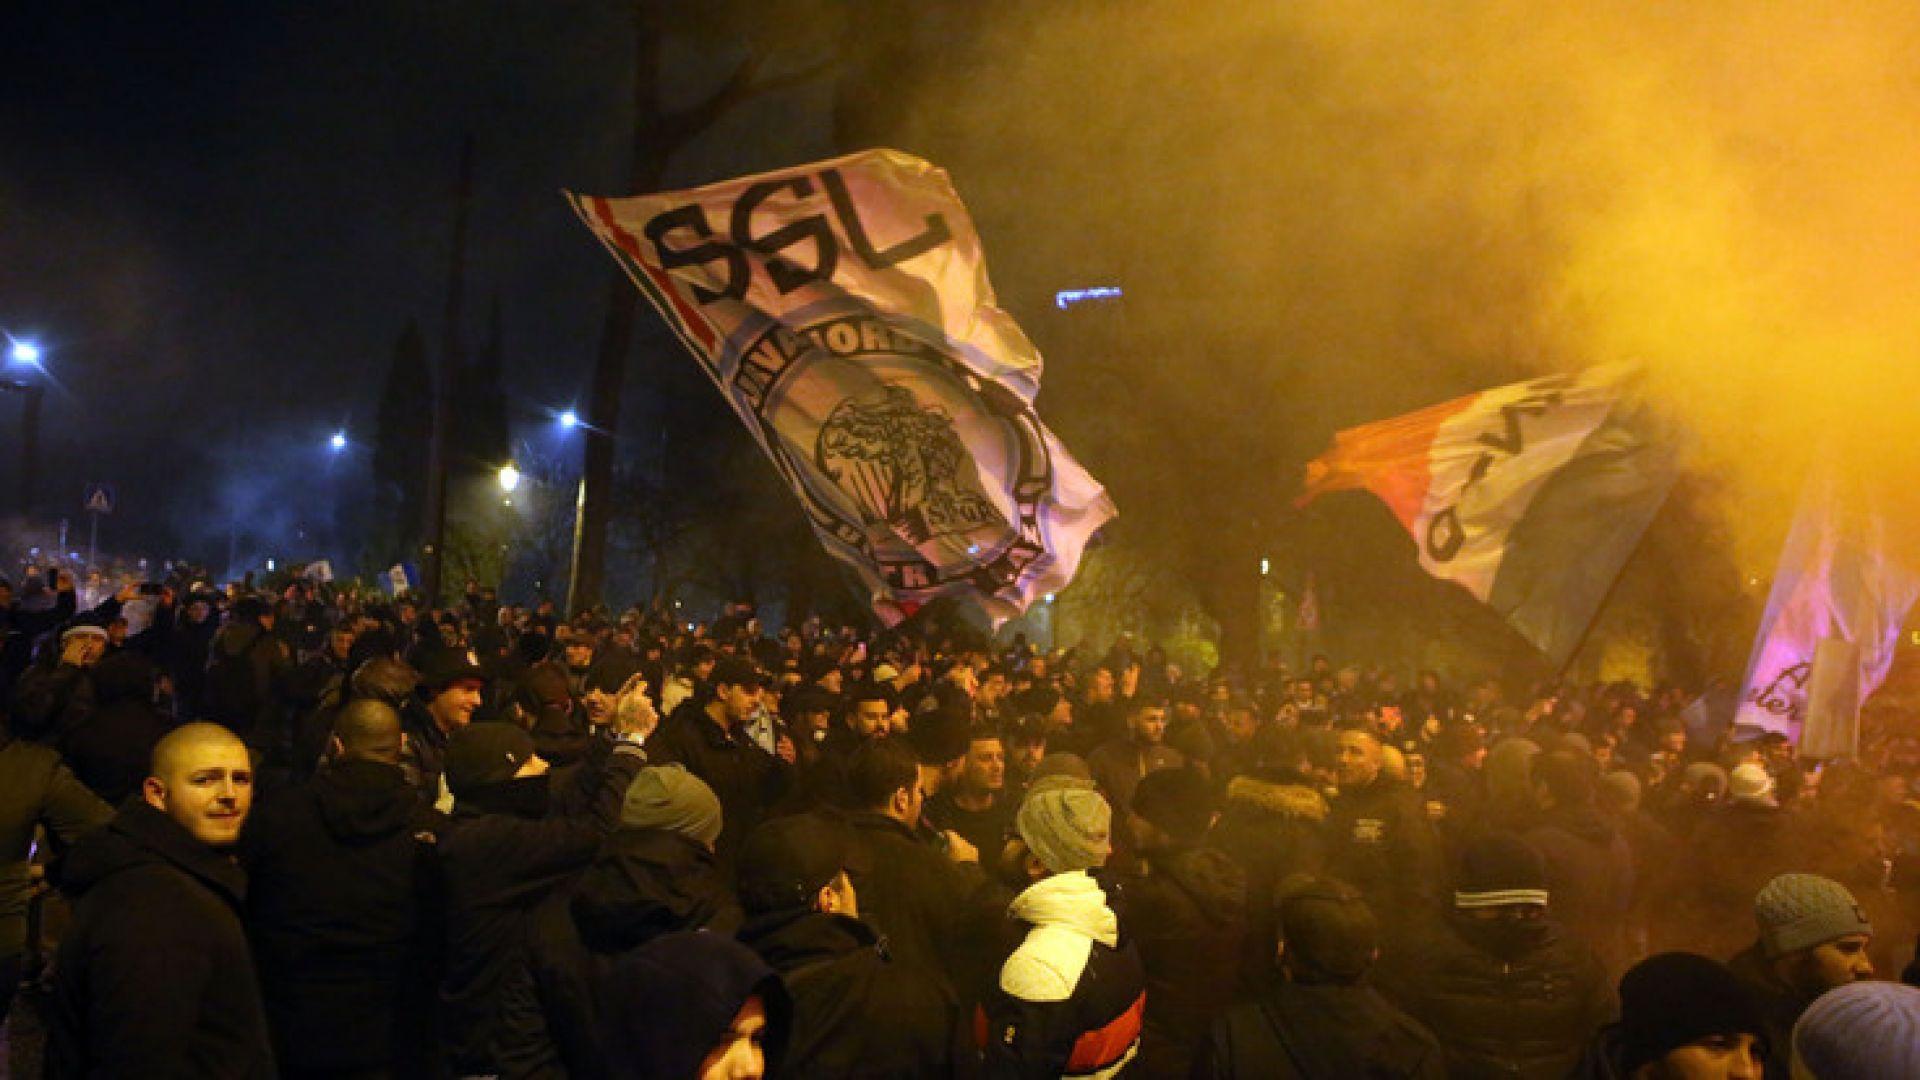 Ултрасите на Лацио отпразнуваха годишнина, ранявайки седем полицаи